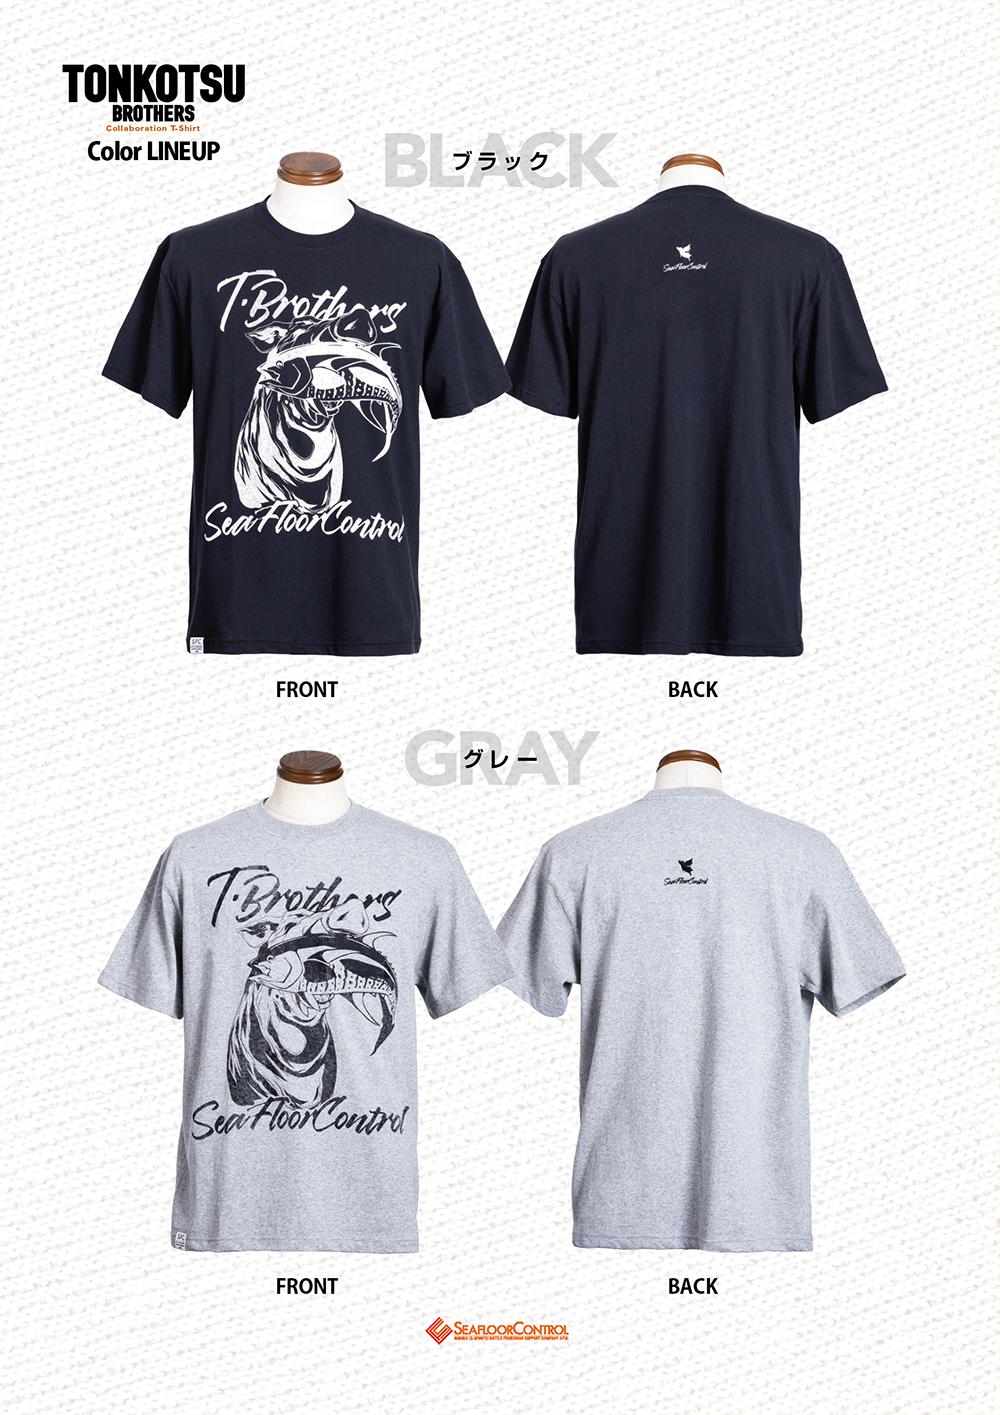 九州発アパレルブランド トンコツブラザーズ コラボTシャツ受注開始